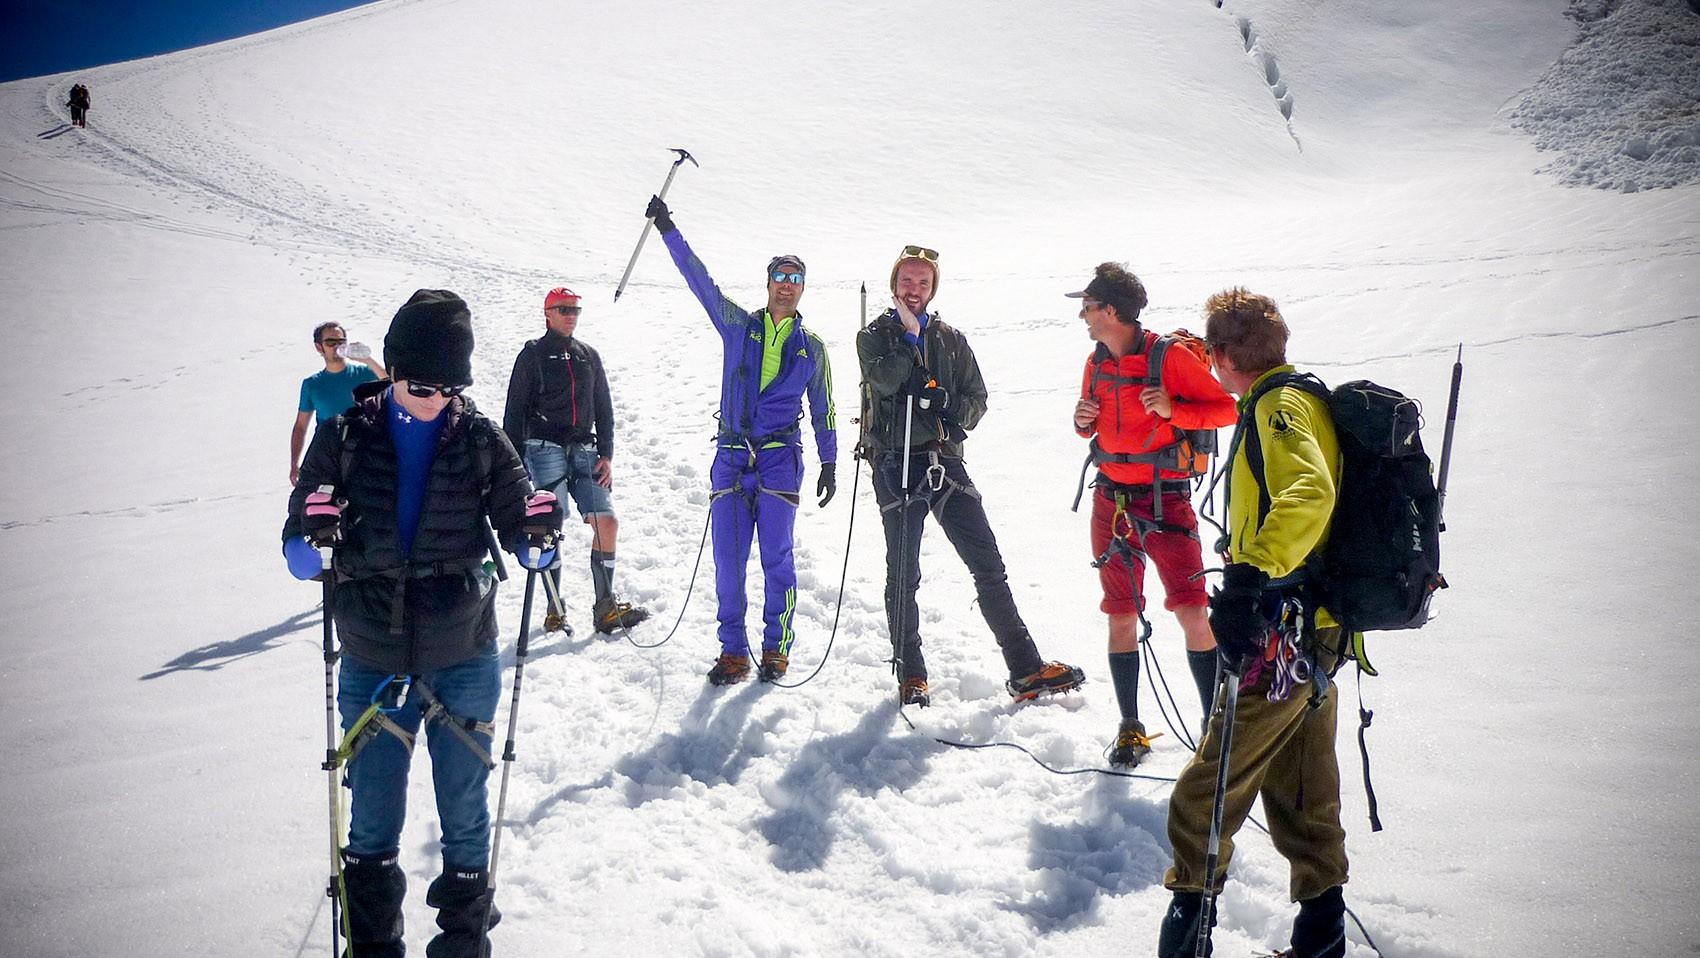 Groupe encordé Vallée Blanche Glisshop - Volkl - Marker - Dalbello